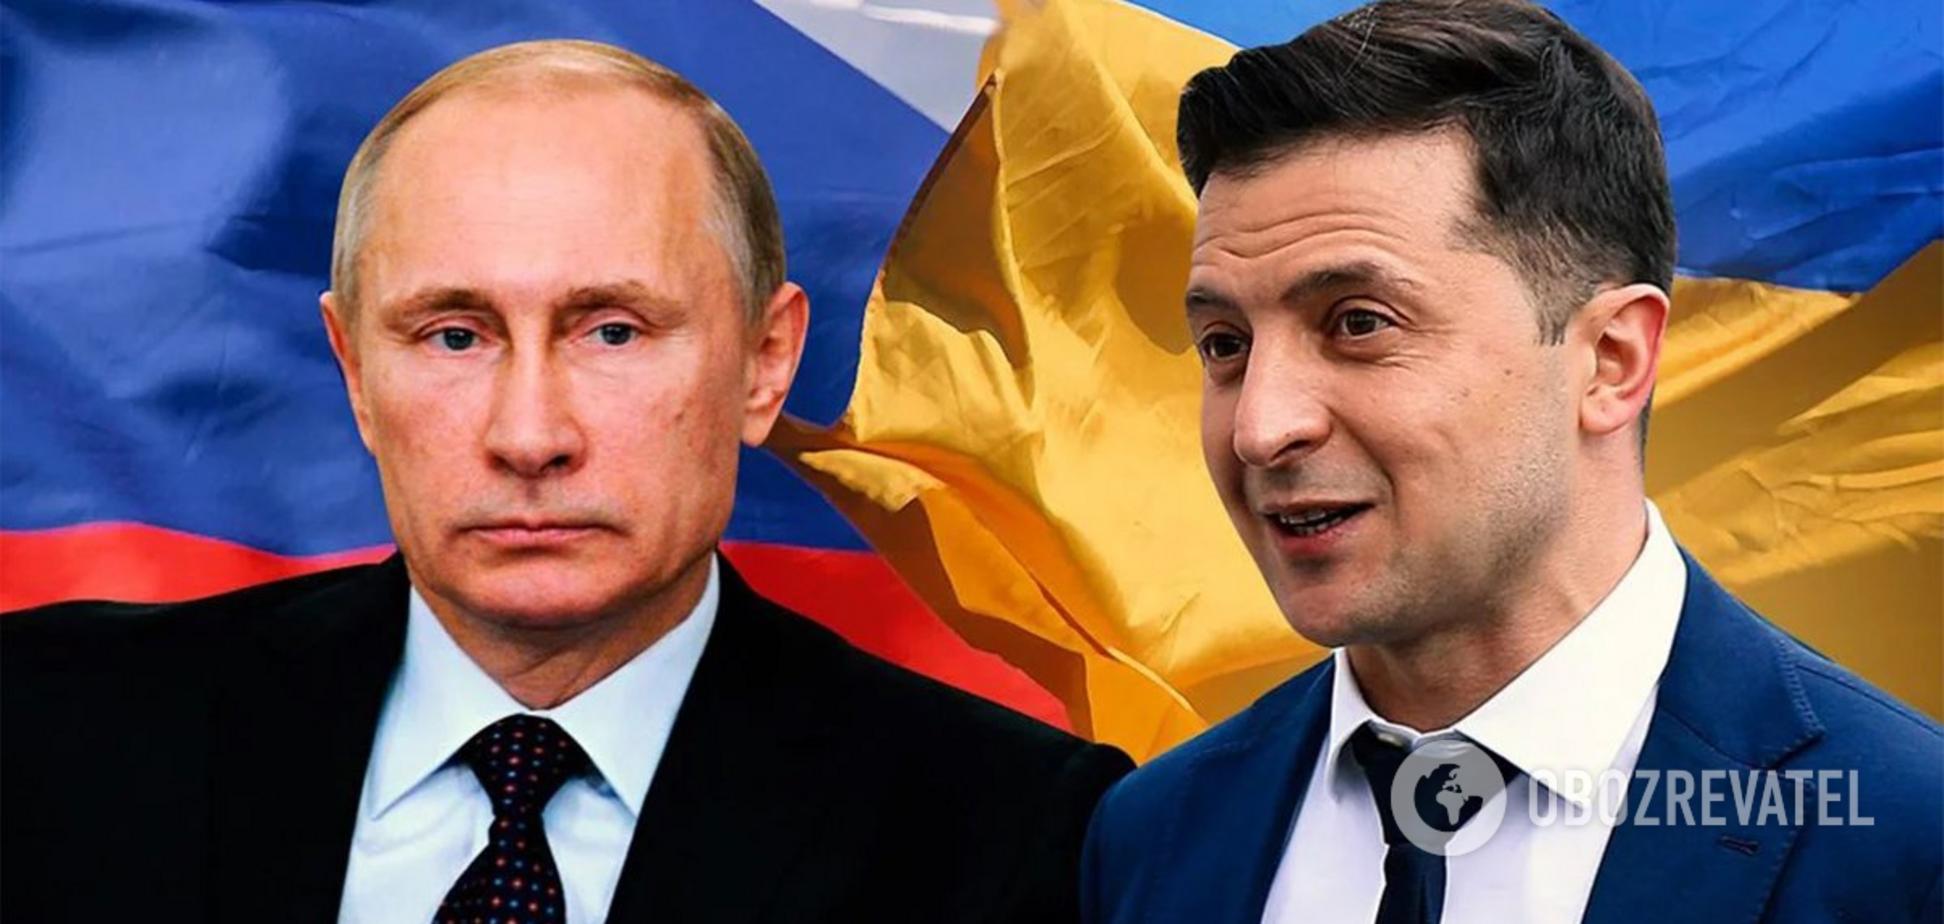 Володимр Зеленский предложил Владимиру Путину встретиться в Ватикане